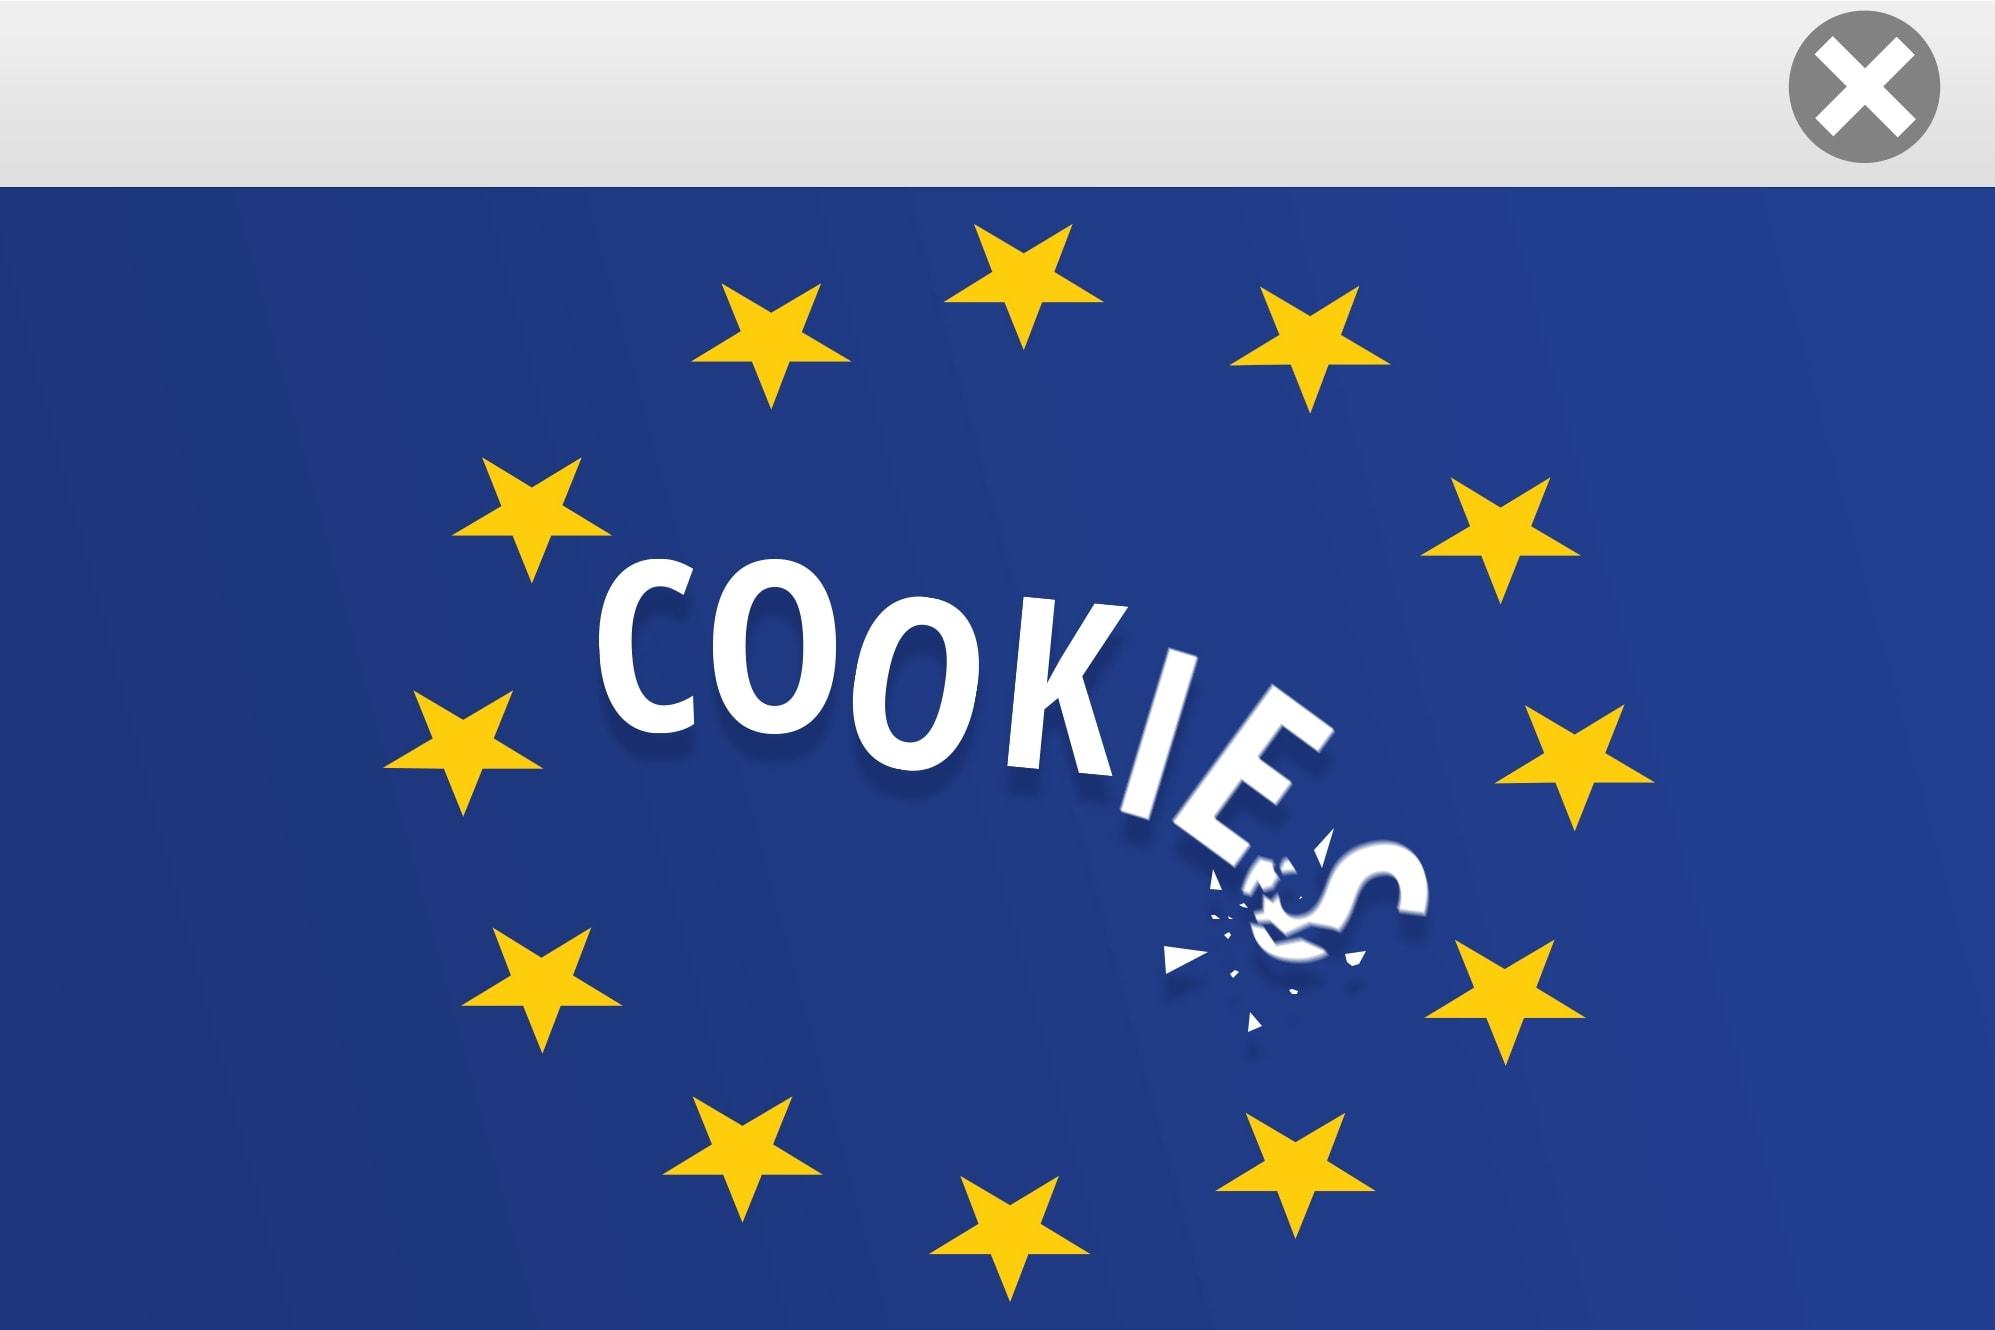 L'UE projette de bloquer les cookies tiers par défaut dans les navigateurs